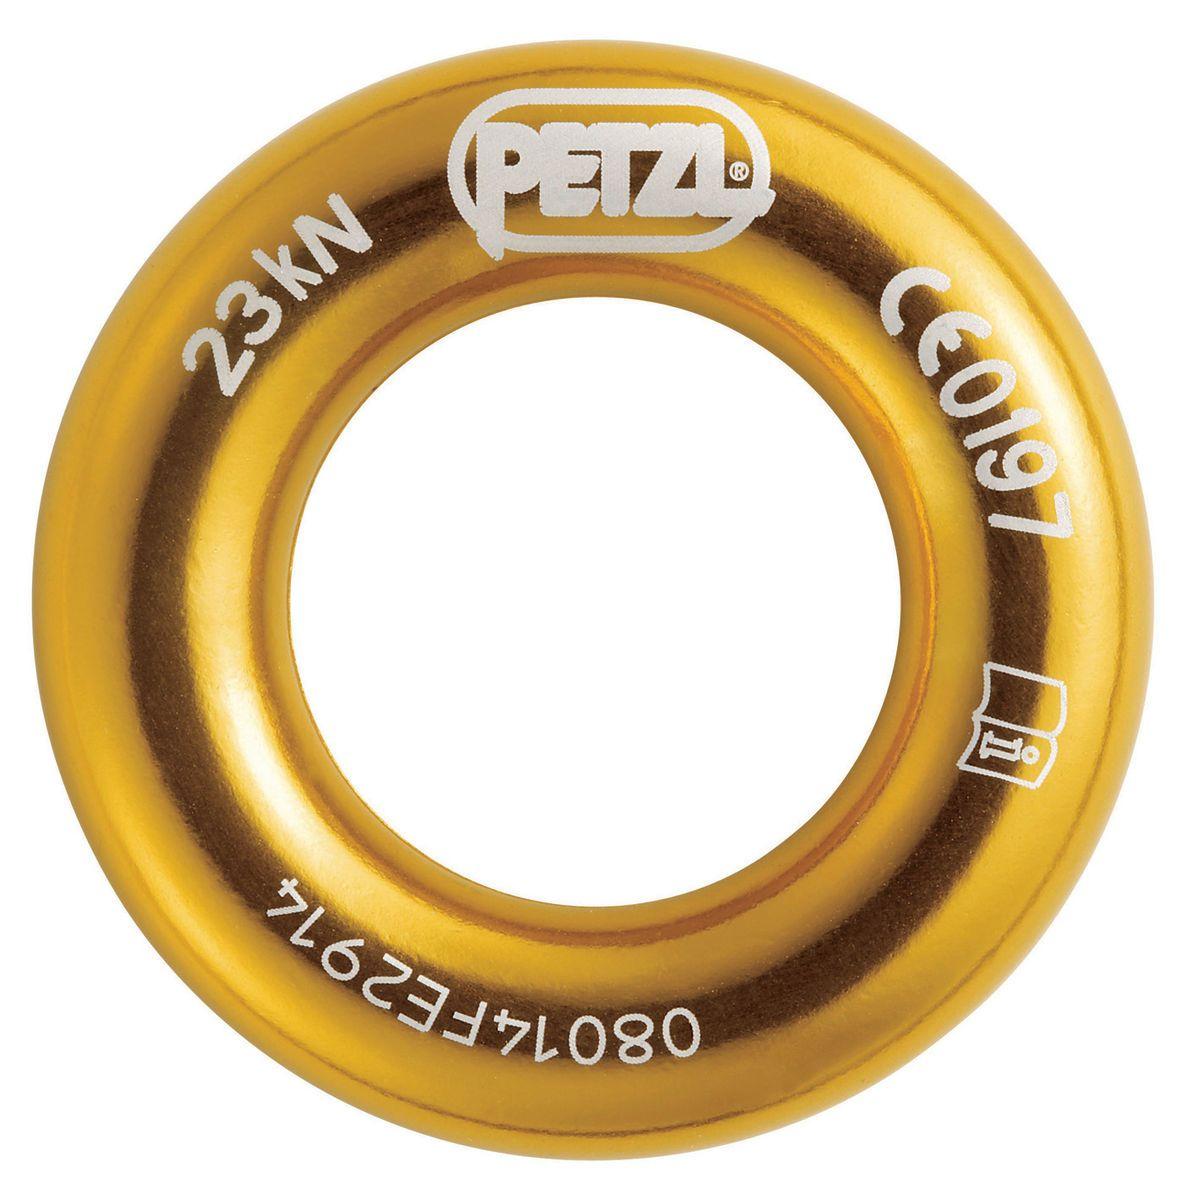 Petzl ring s loop